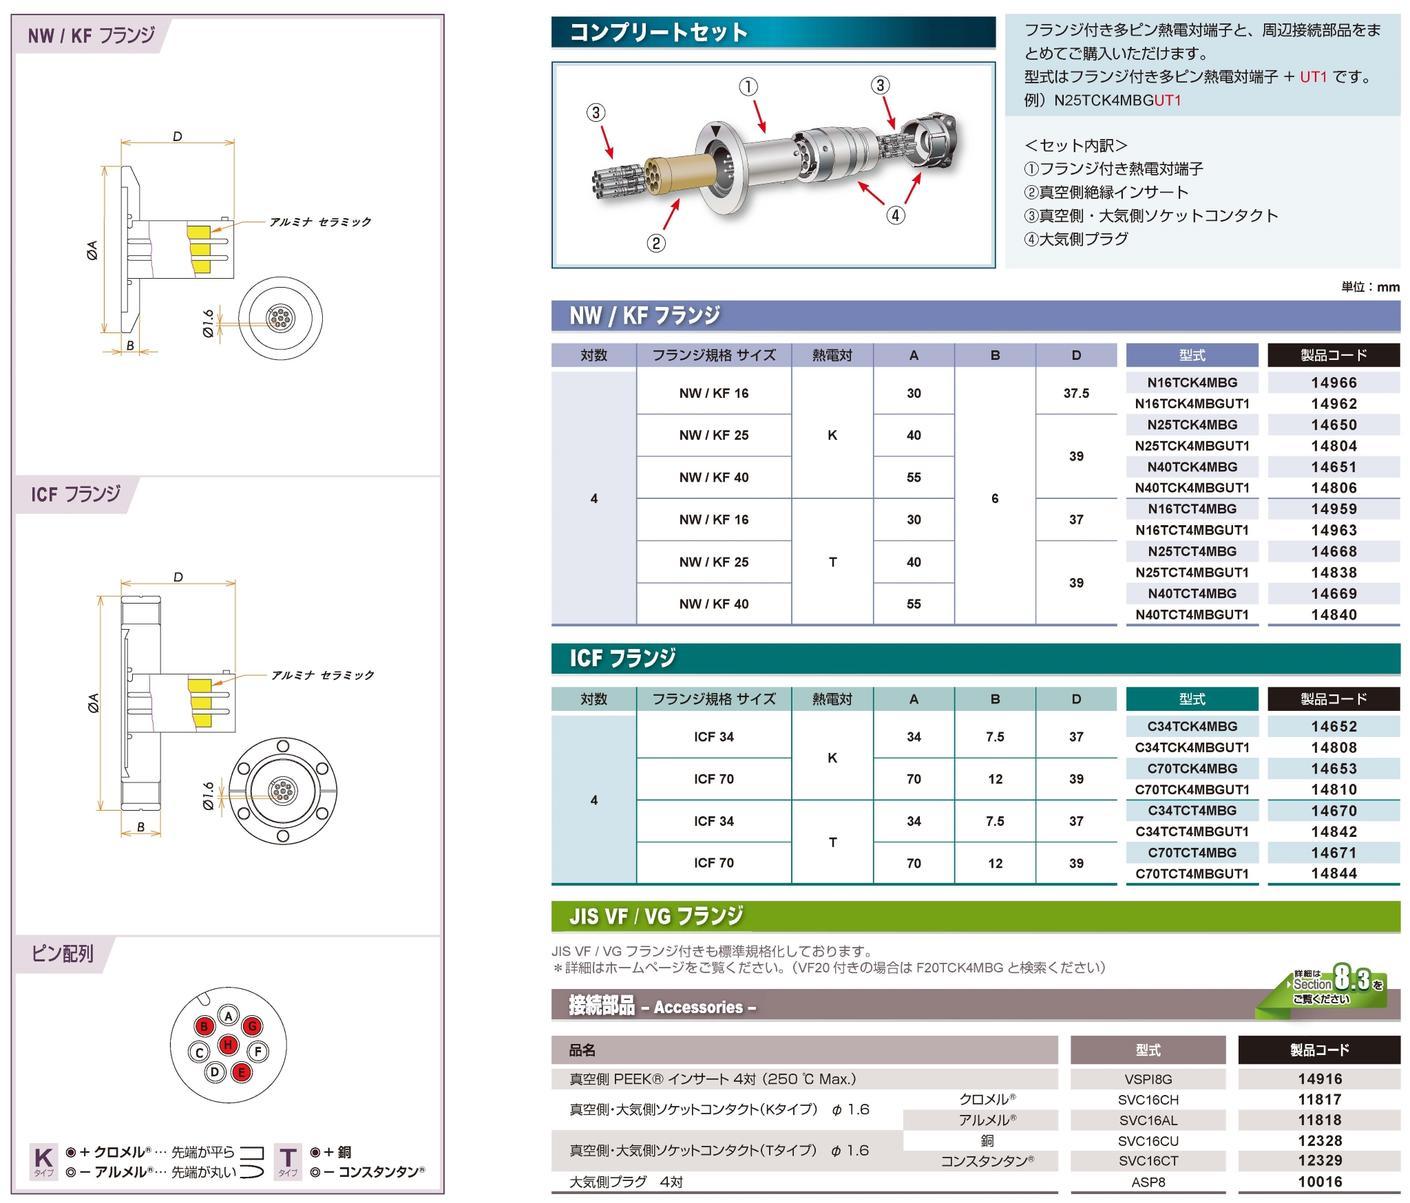 フィードスルー 熱電対 Tタイプ BURNDY® ガイド付き 4対 カタログ画像